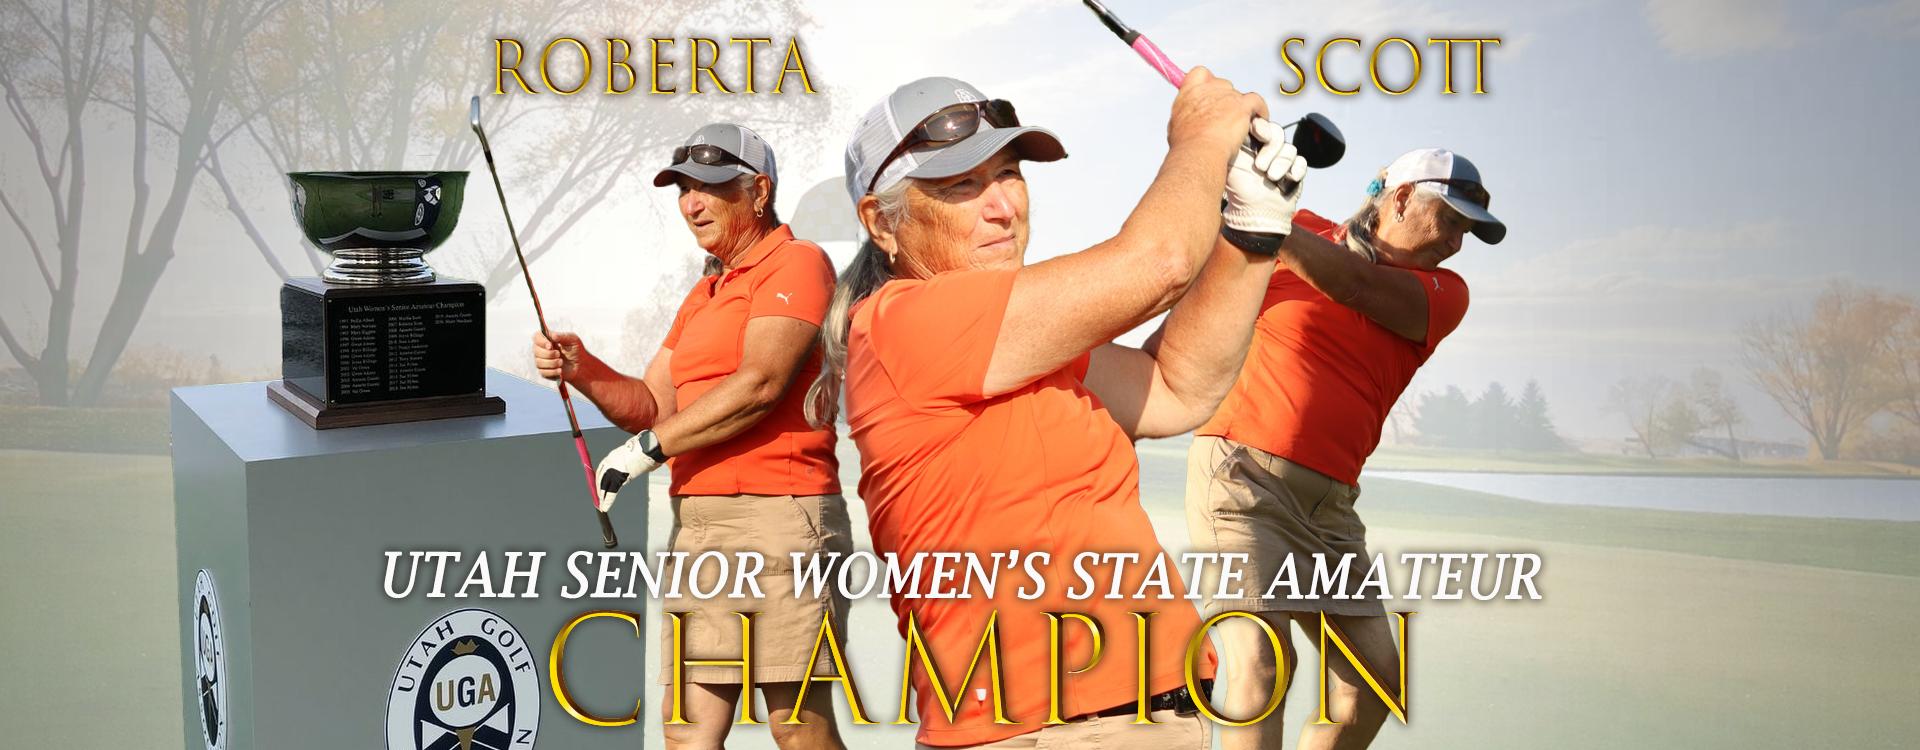 Utah-Senior-Women's-Champion-Roberta-Scott